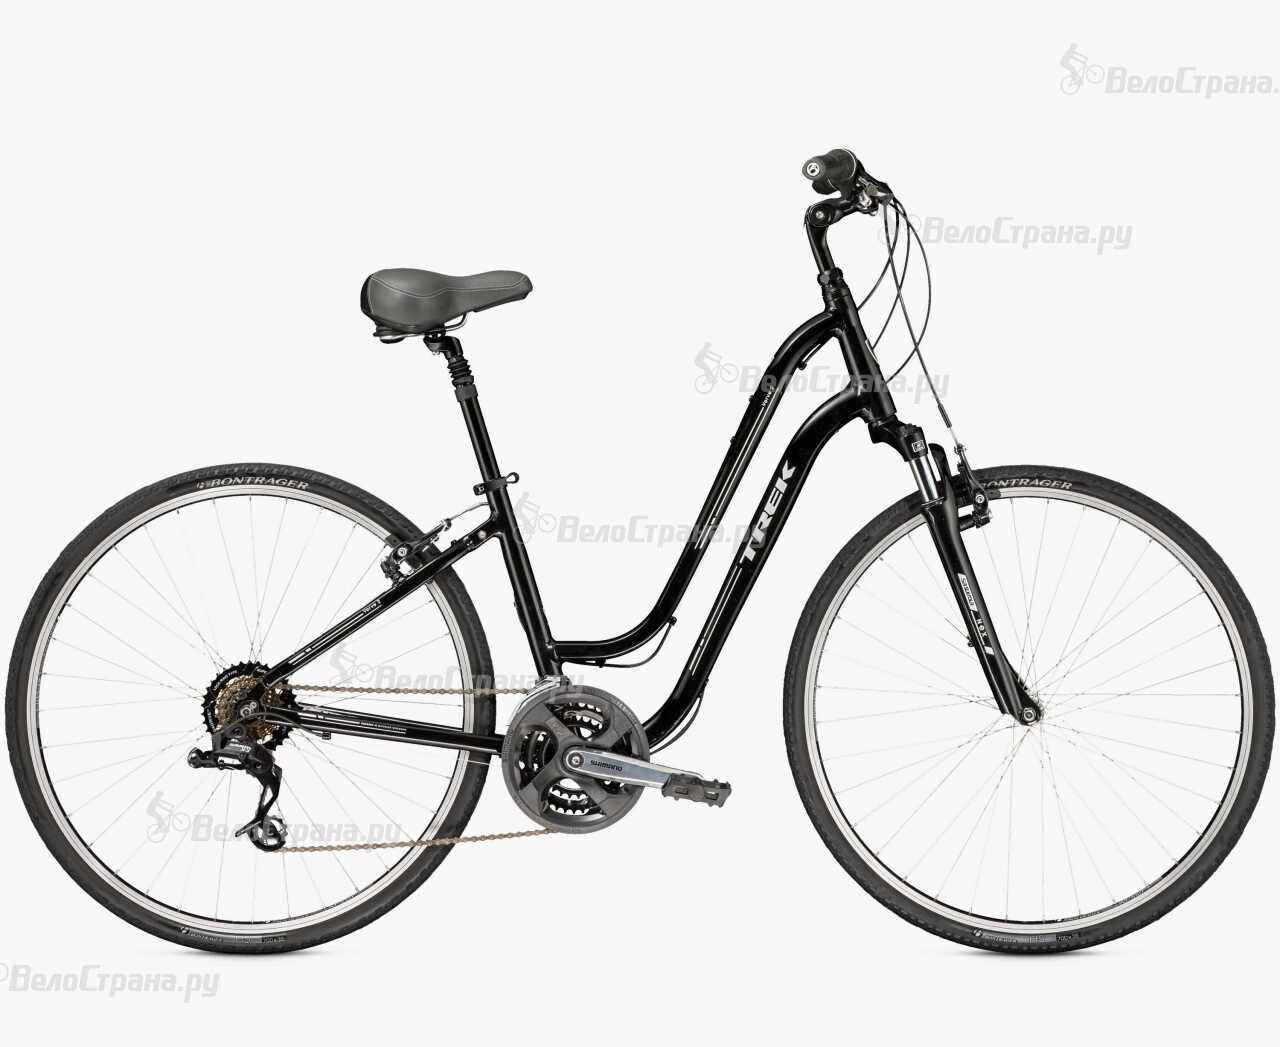 Велосипед Trek Verve 2 WSD (2016) велосипед trek verve 3 wsd 2017